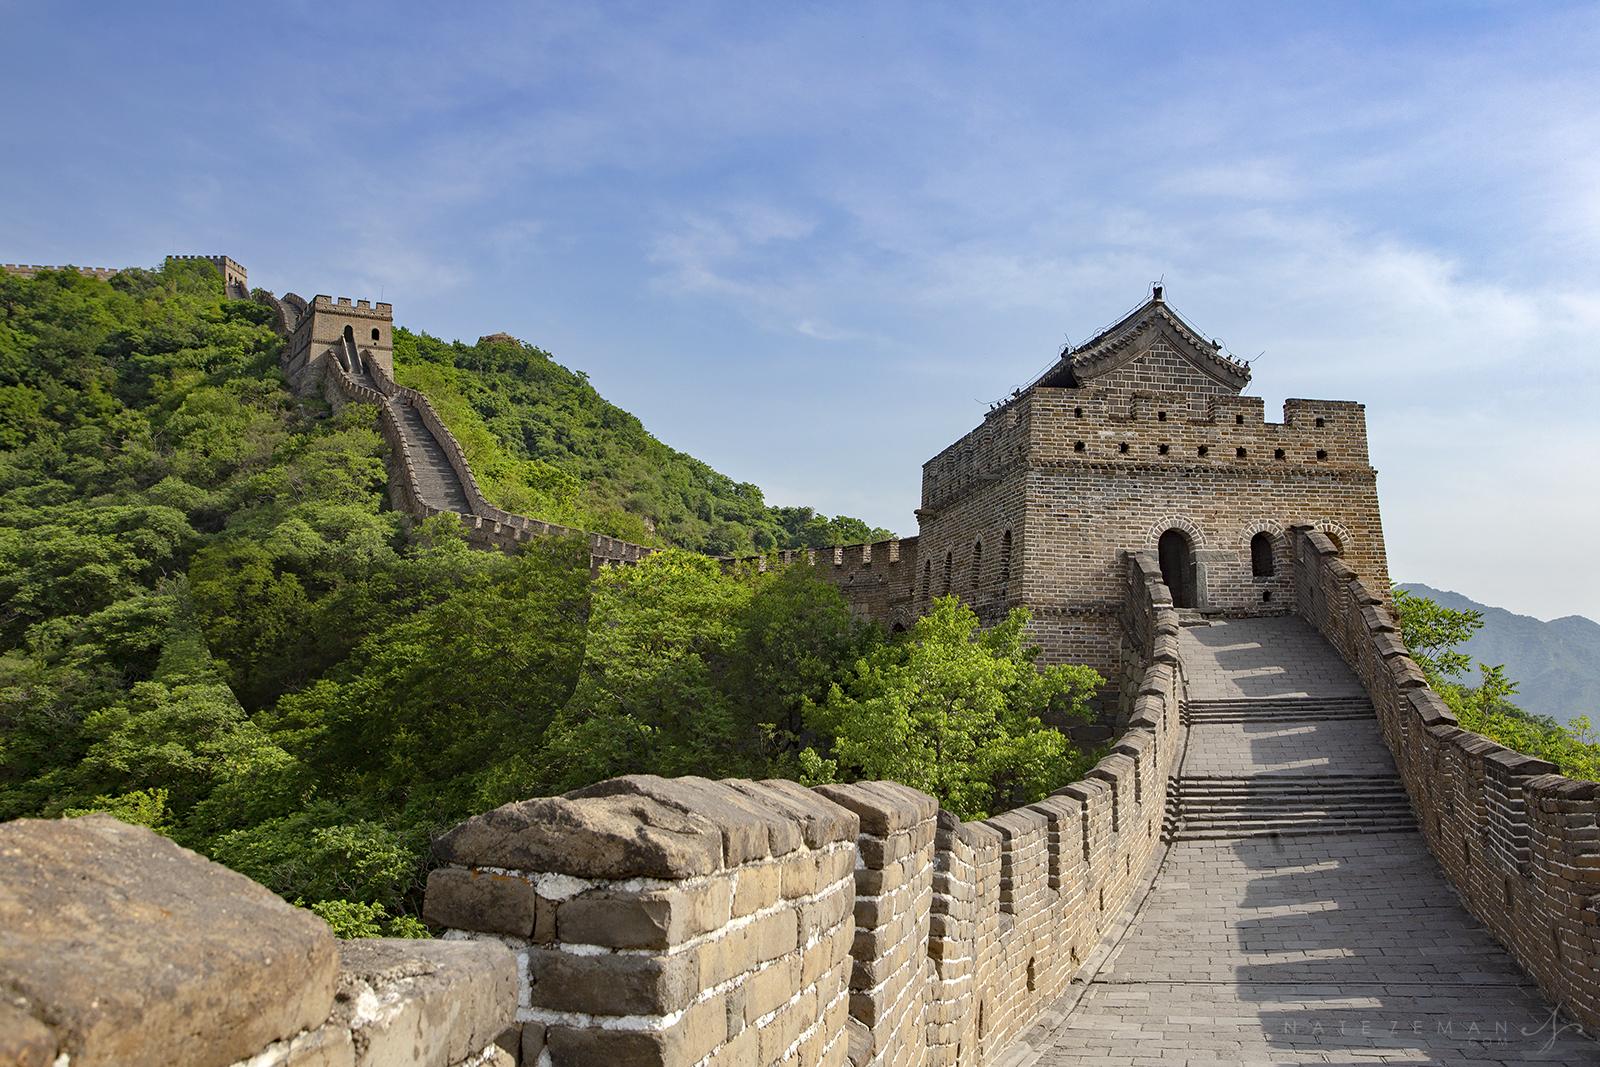 Great Wall of china, china, Great Wall, Mutianyu, , photo